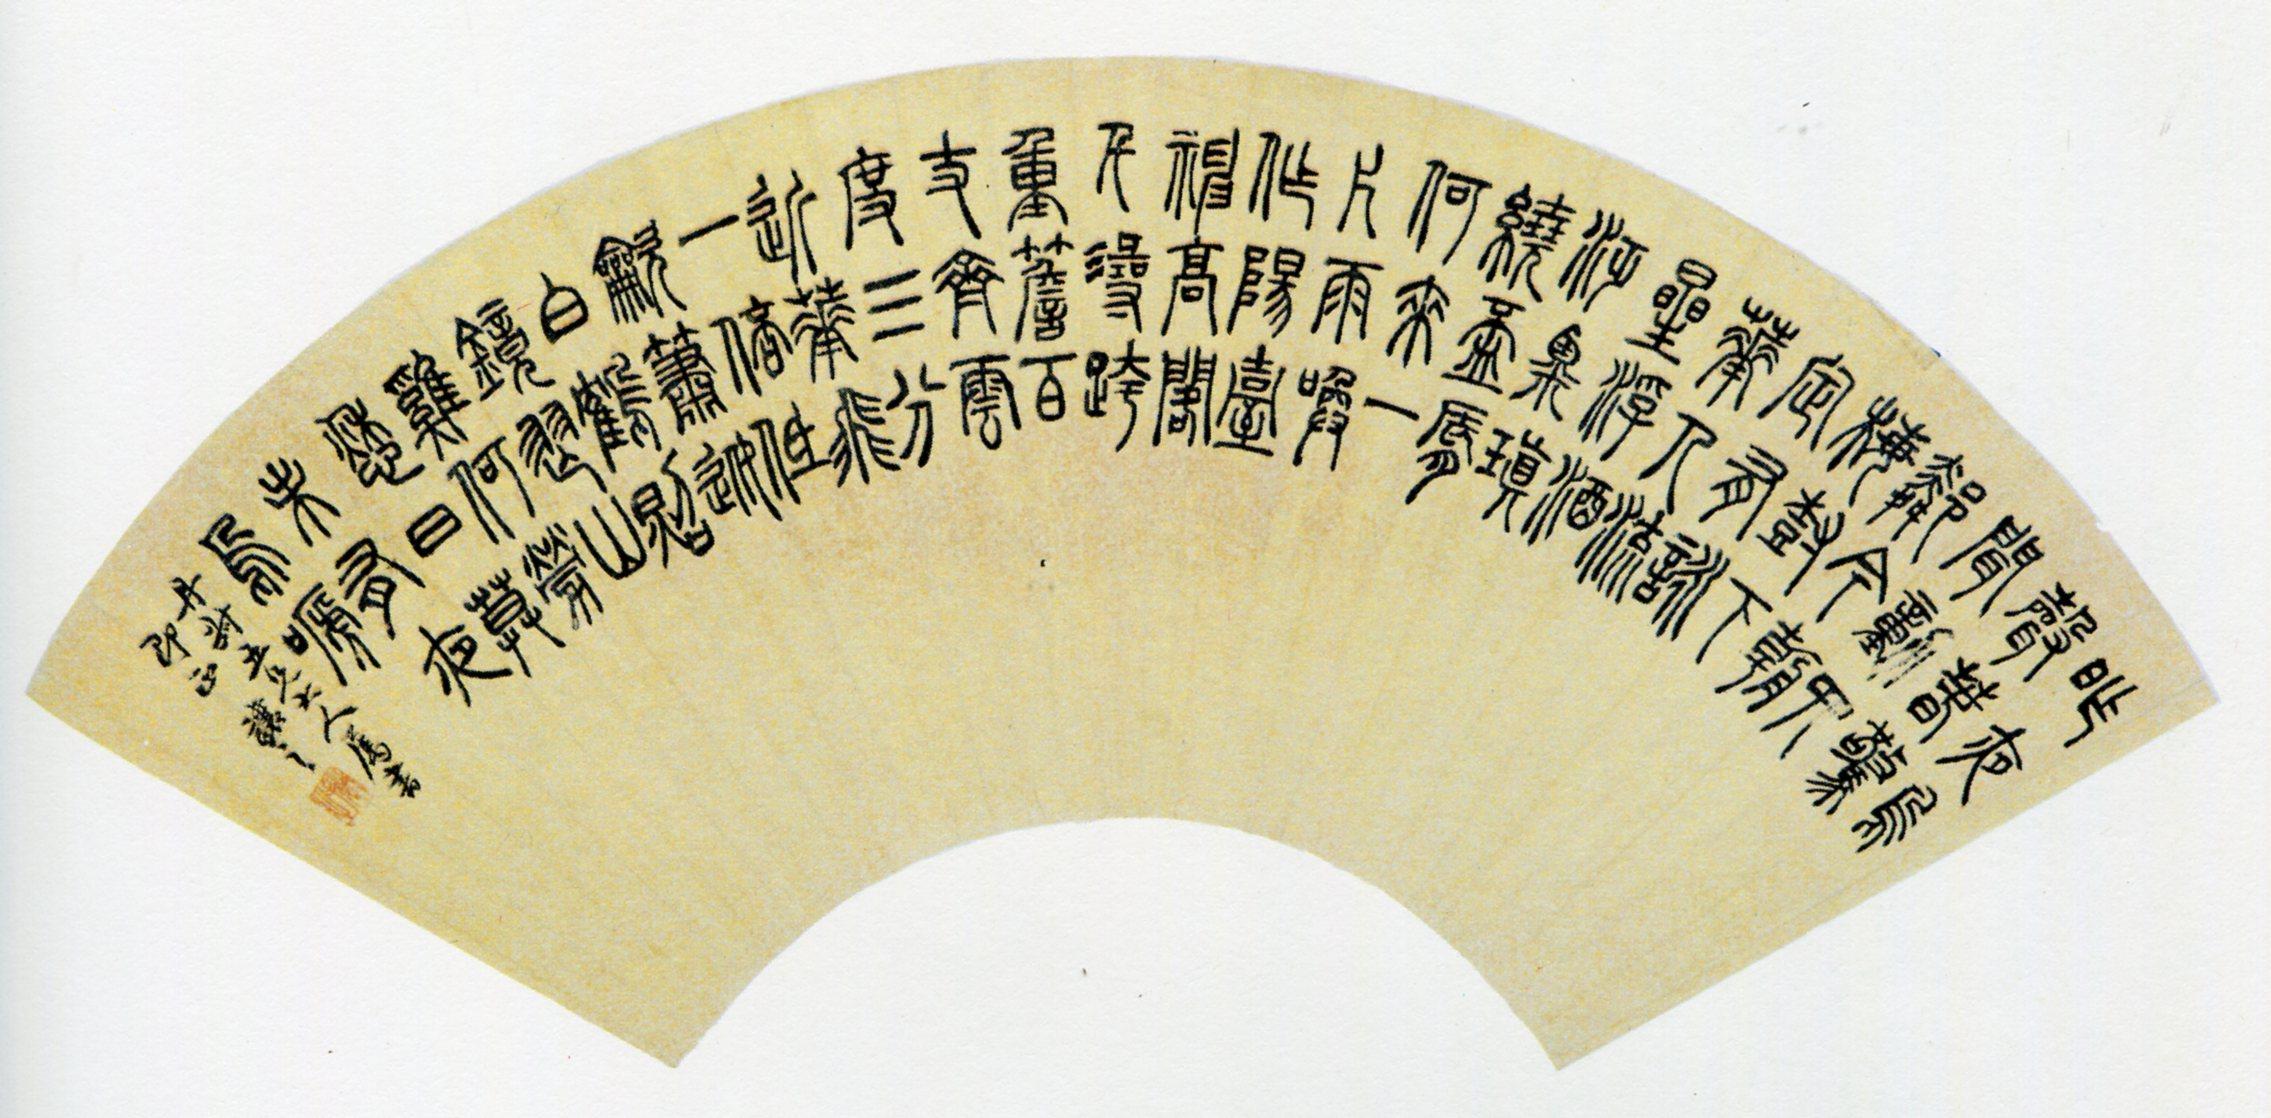 吴熙载《篆书庾信咏屏风诗扇面》 扬州市博物馆藏